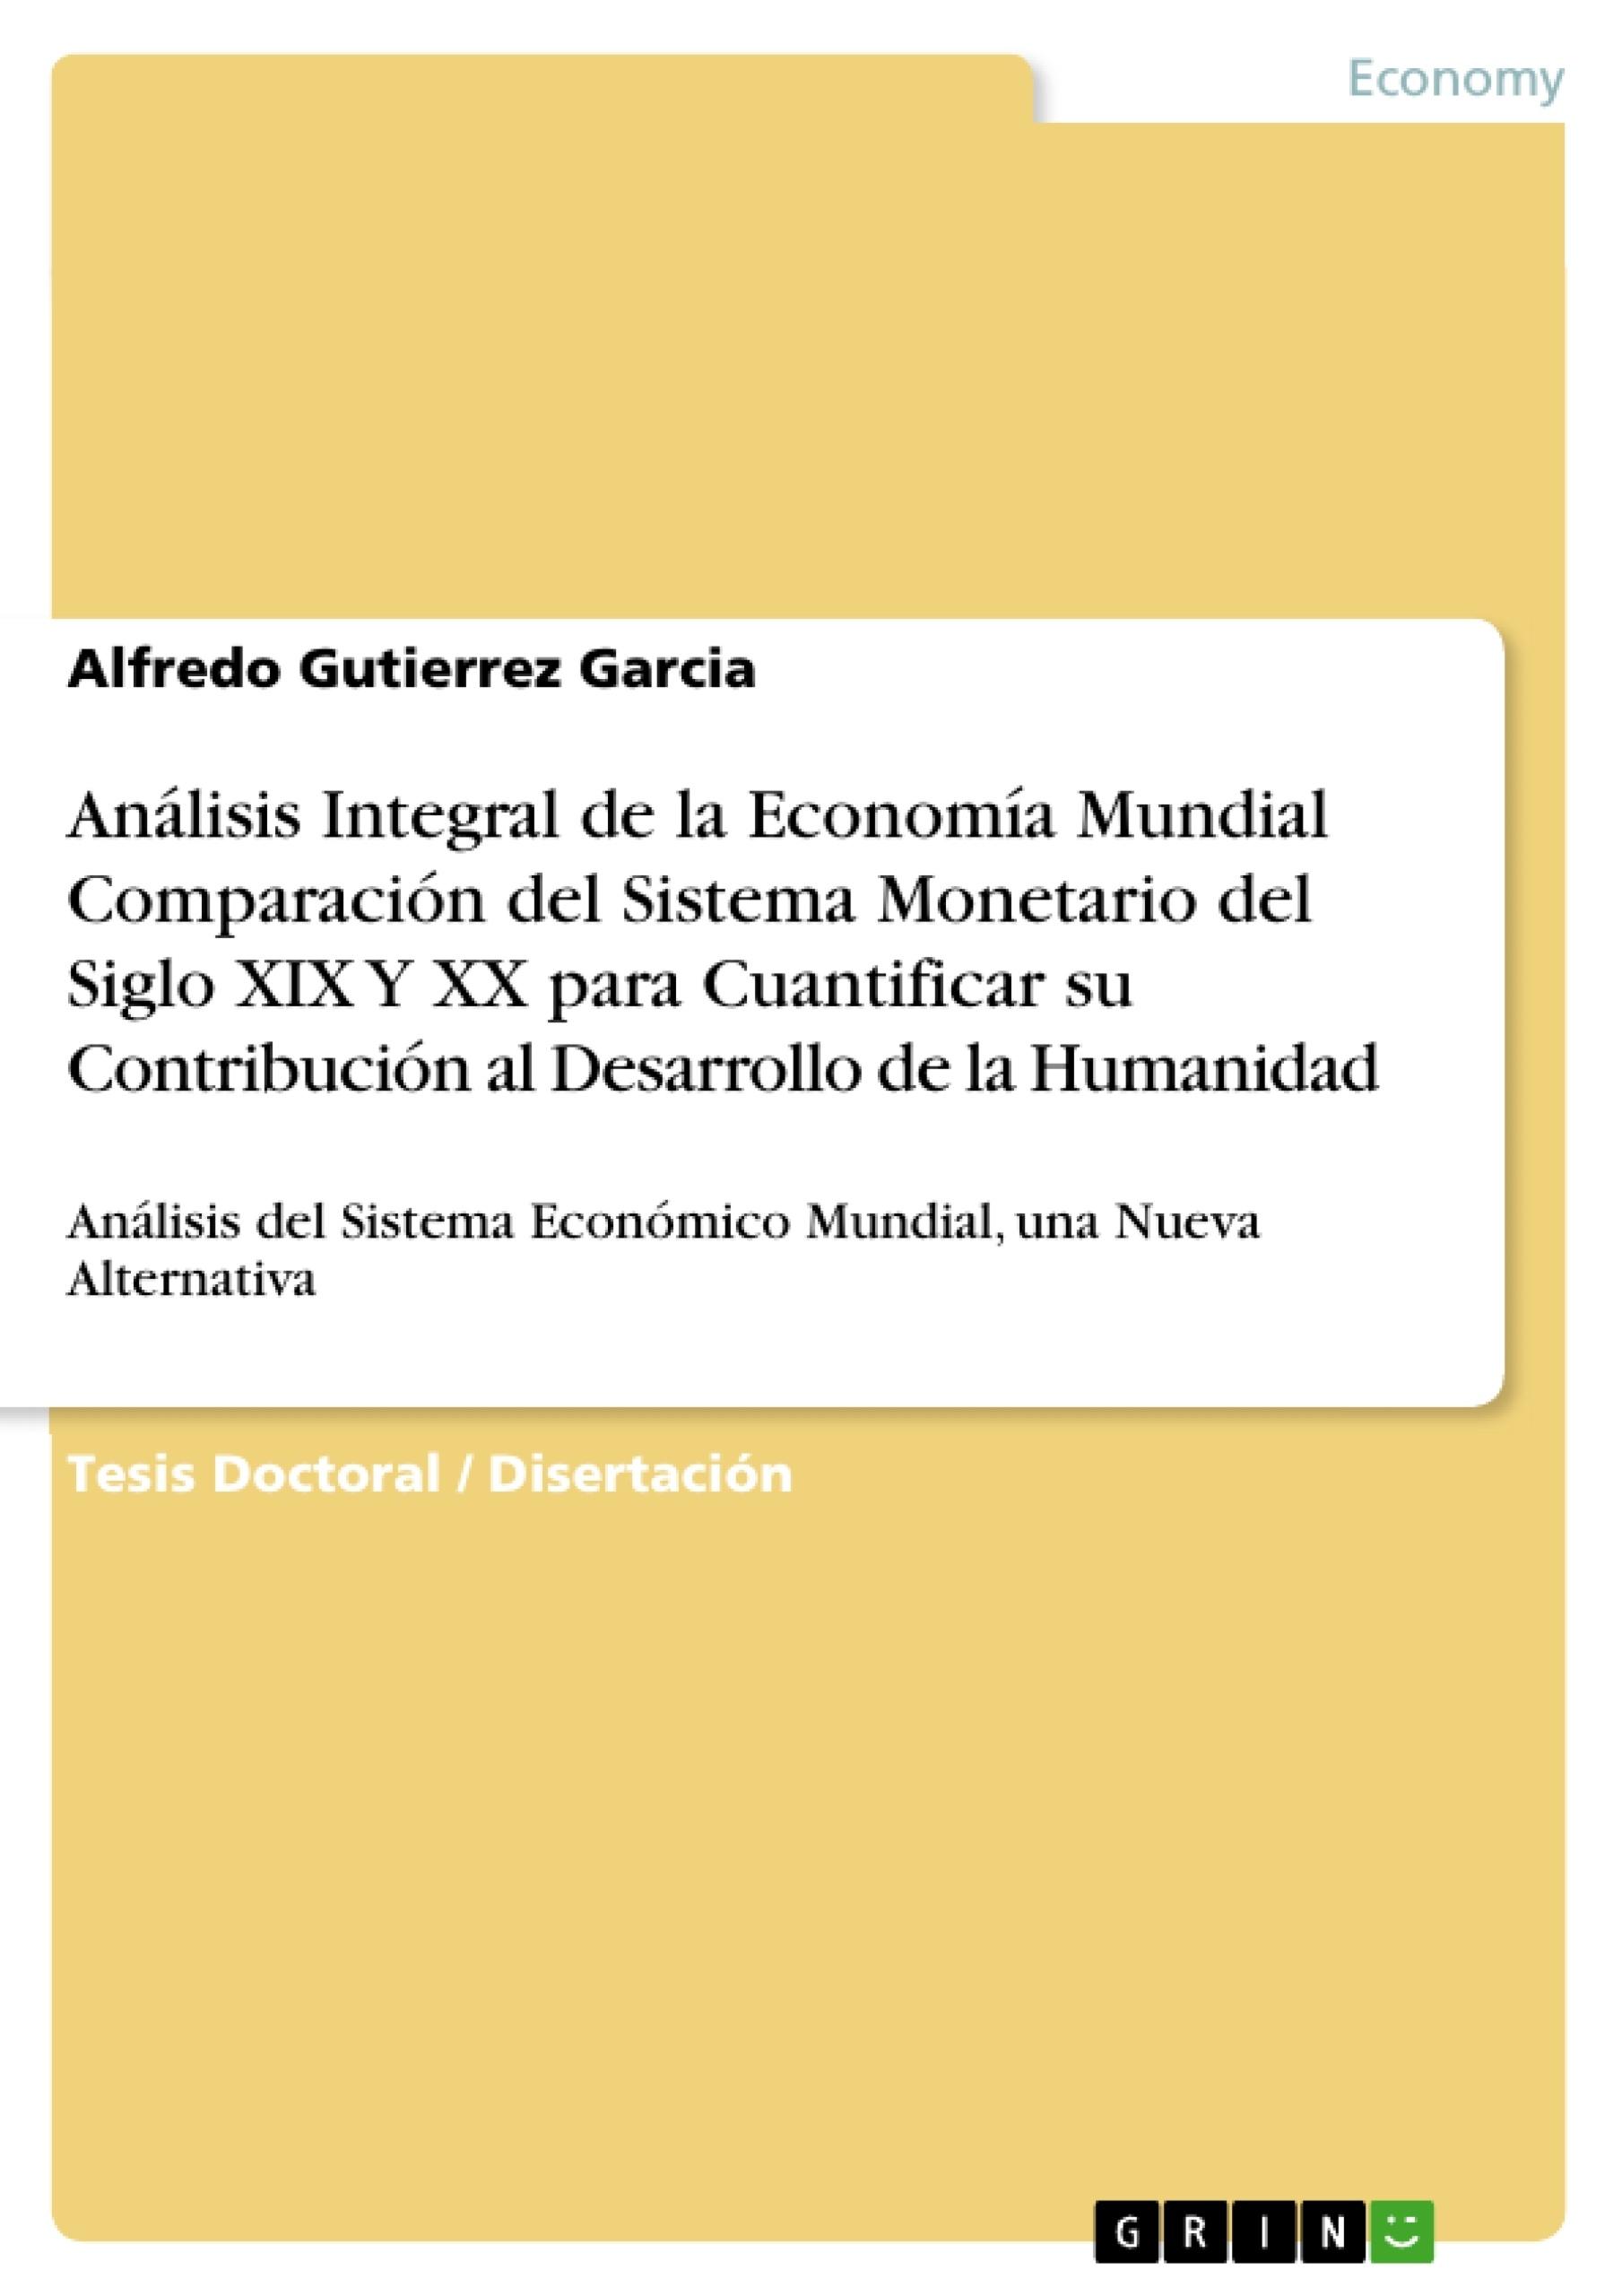 Título: Análisis Integral de la Economía Mundial Comparación del Sistema Monetario del Siglo XIX Y XX para Cuantificar su Contribución al Desarrollo de la Humanidad